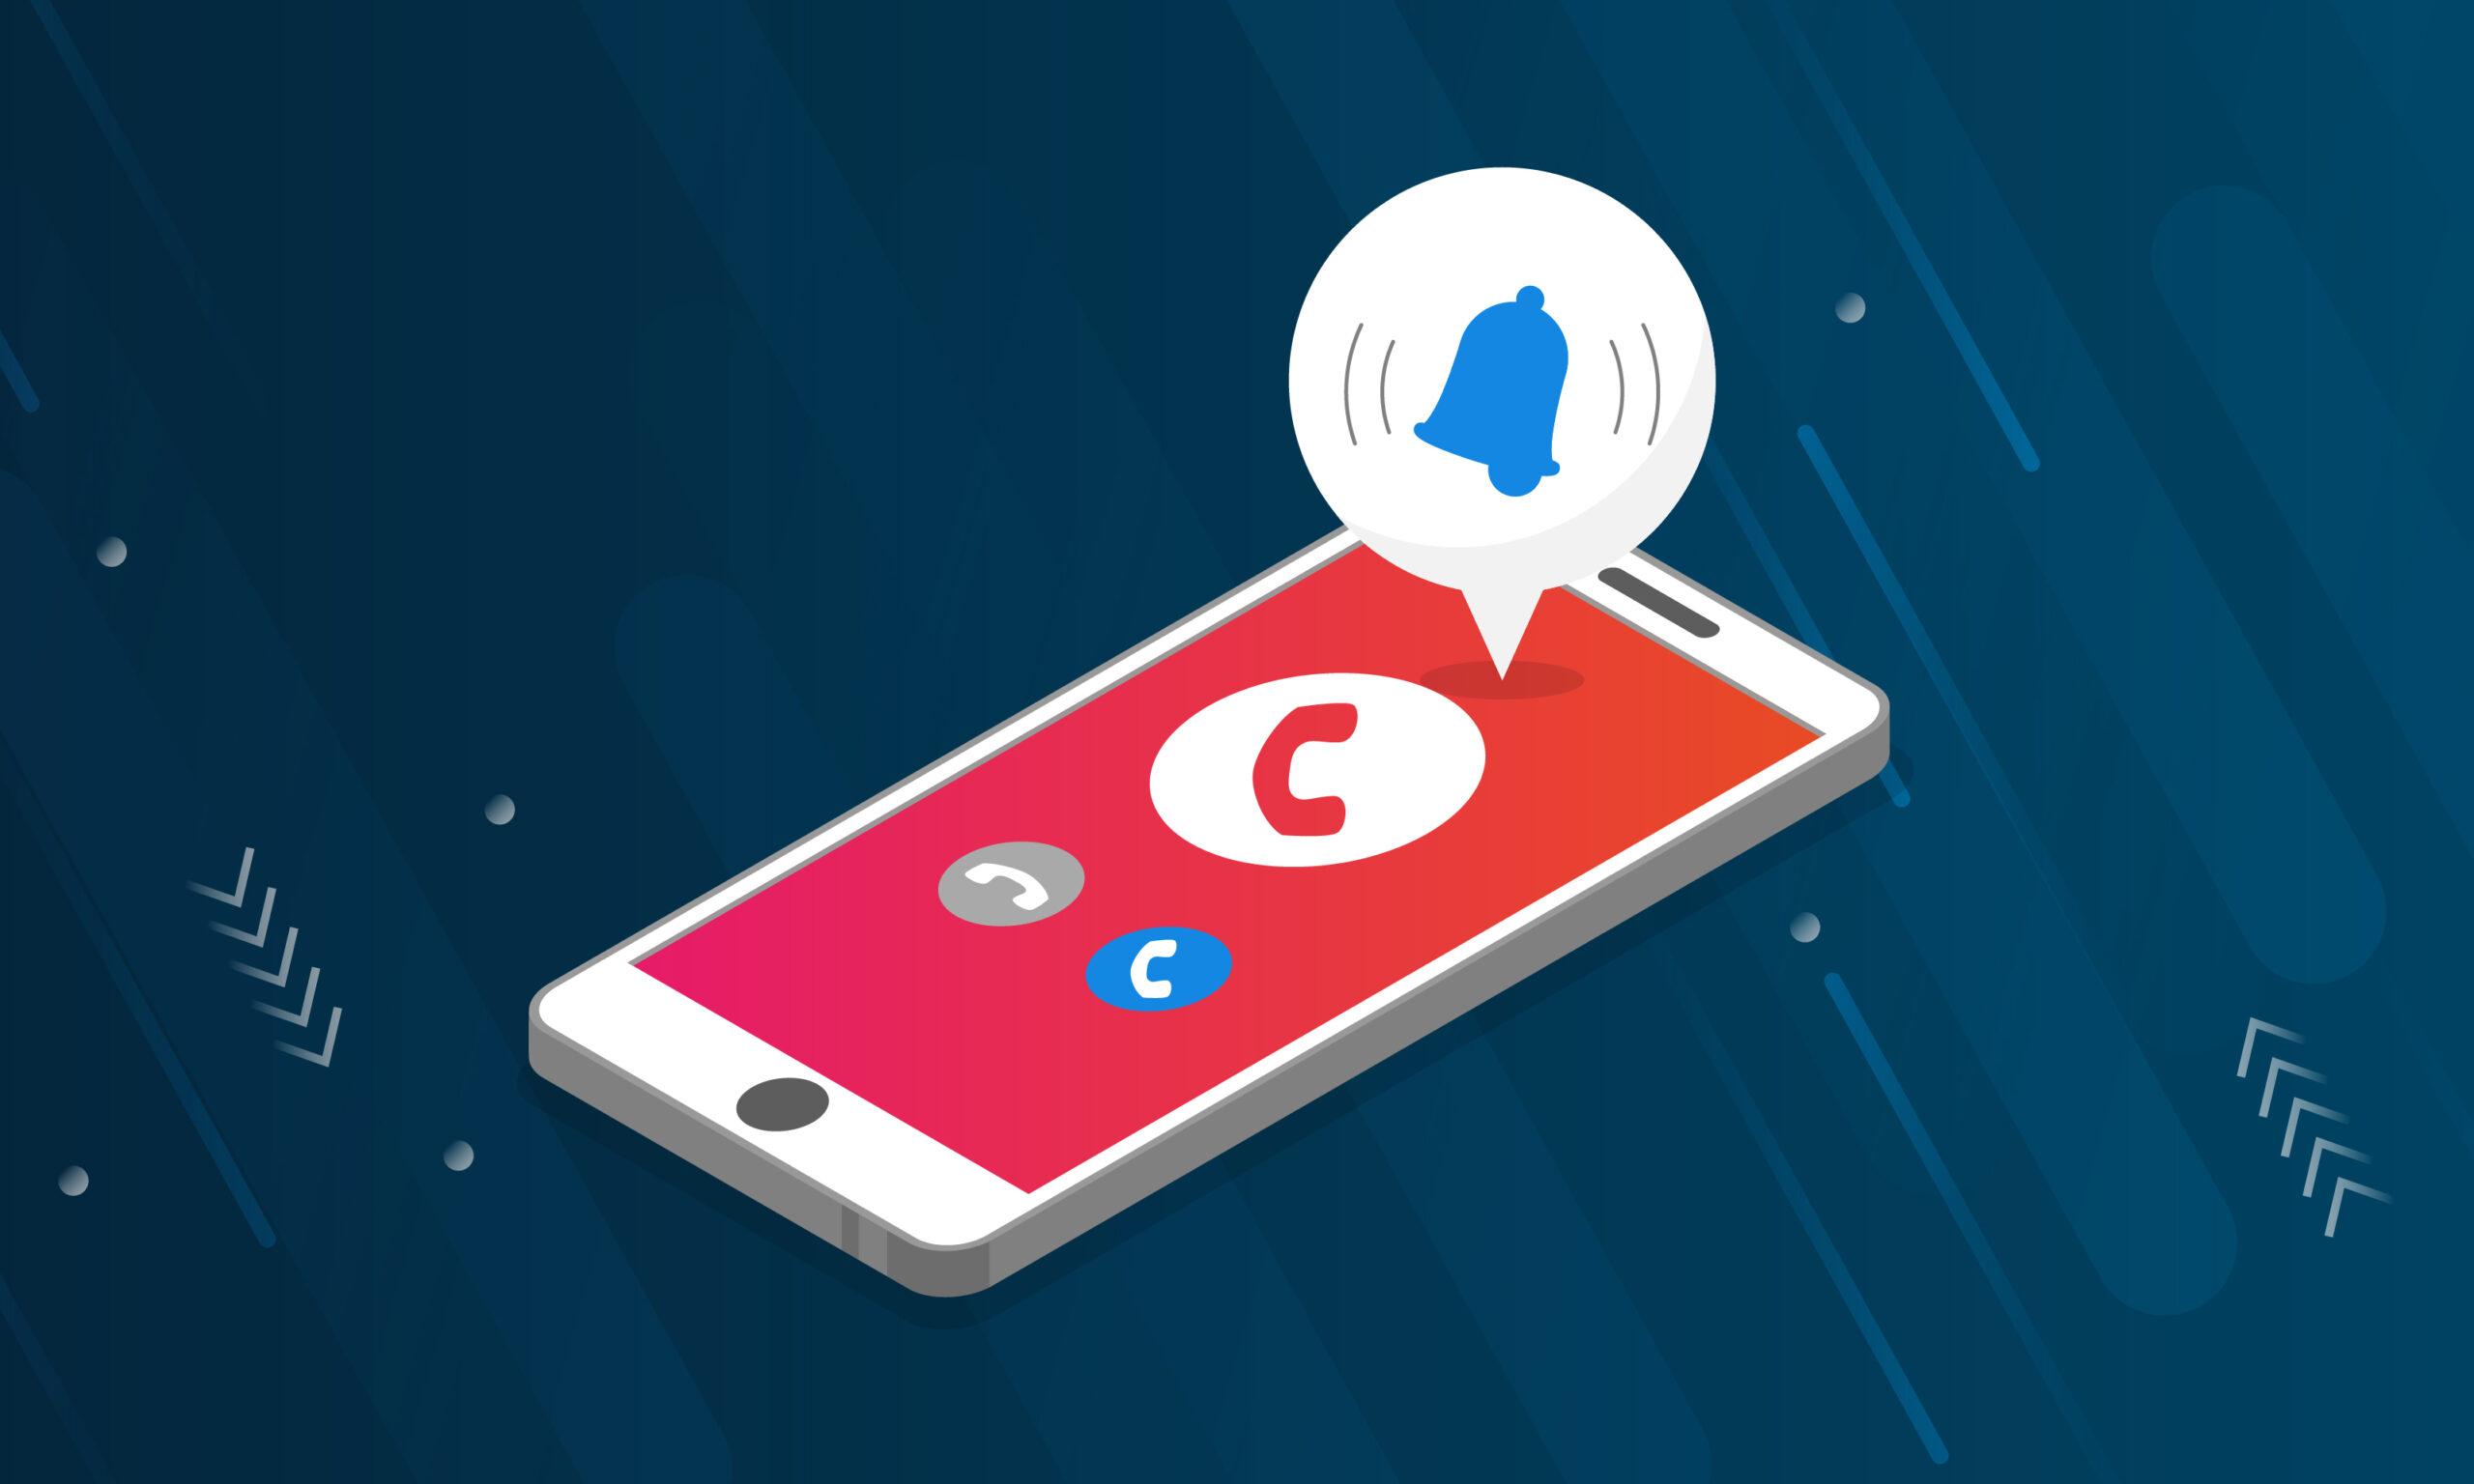 ¿Cómo crear un Call Center y empezar a vender por teléfono?